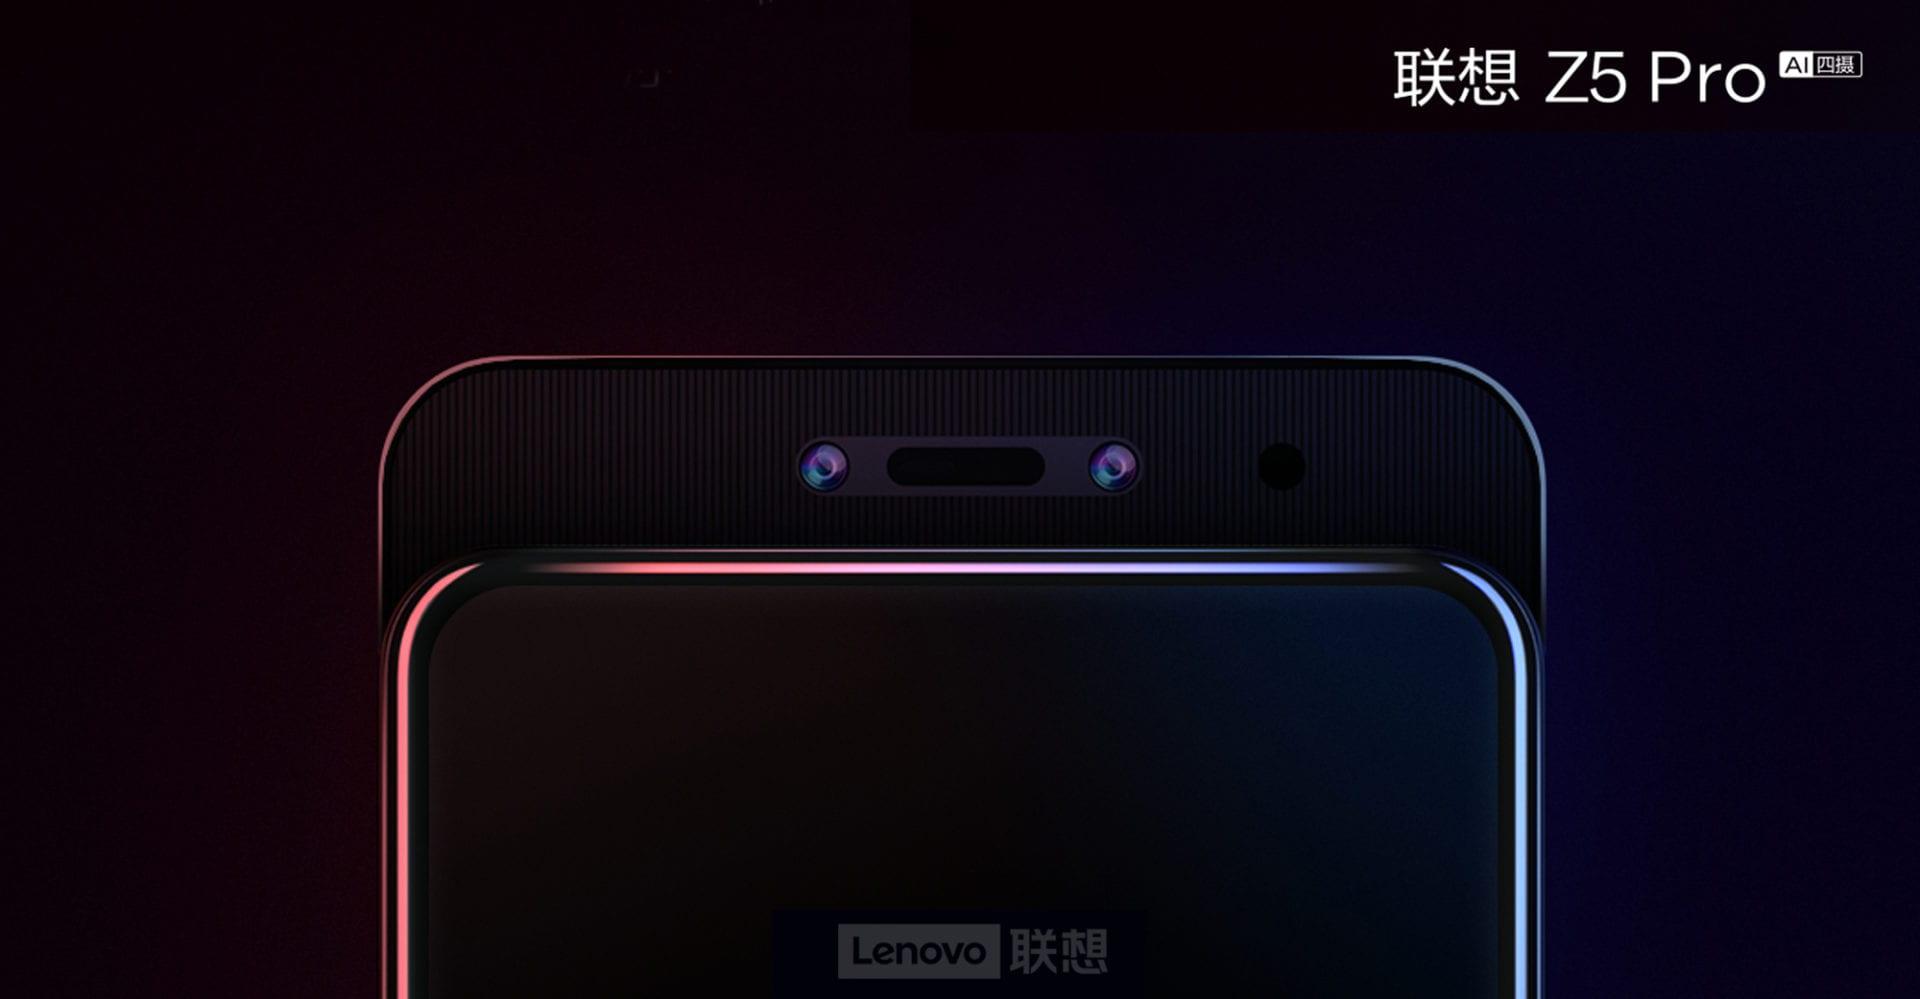 Lenovo Z5 Pro teaser